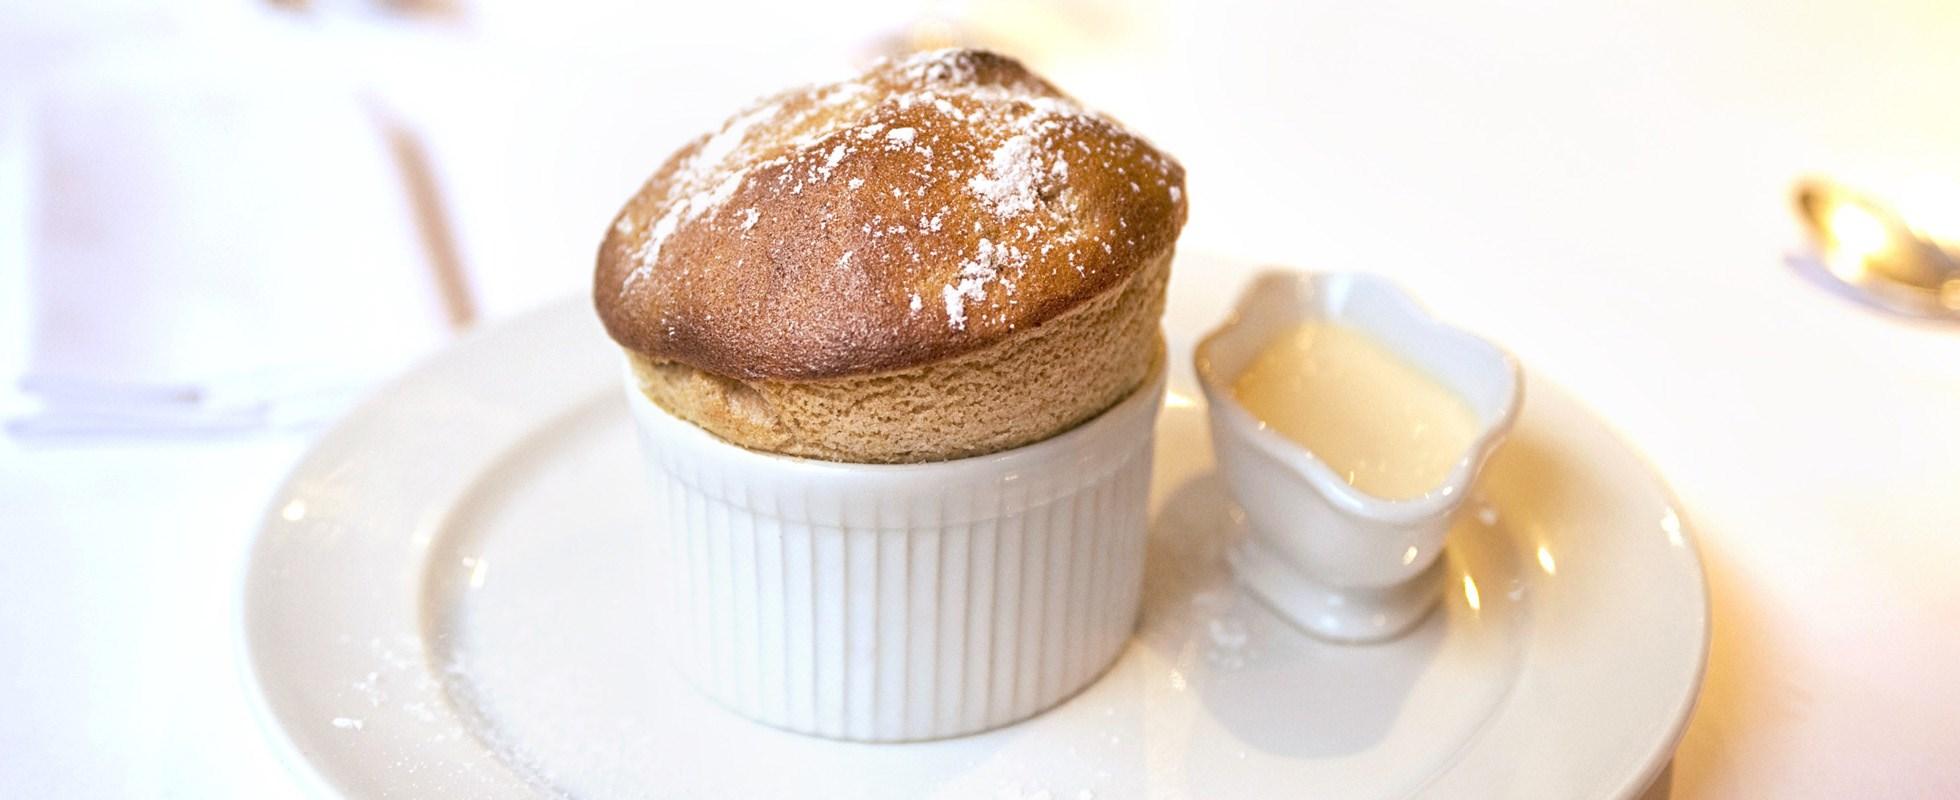 Prune and Armagnac Soufflé Recipe